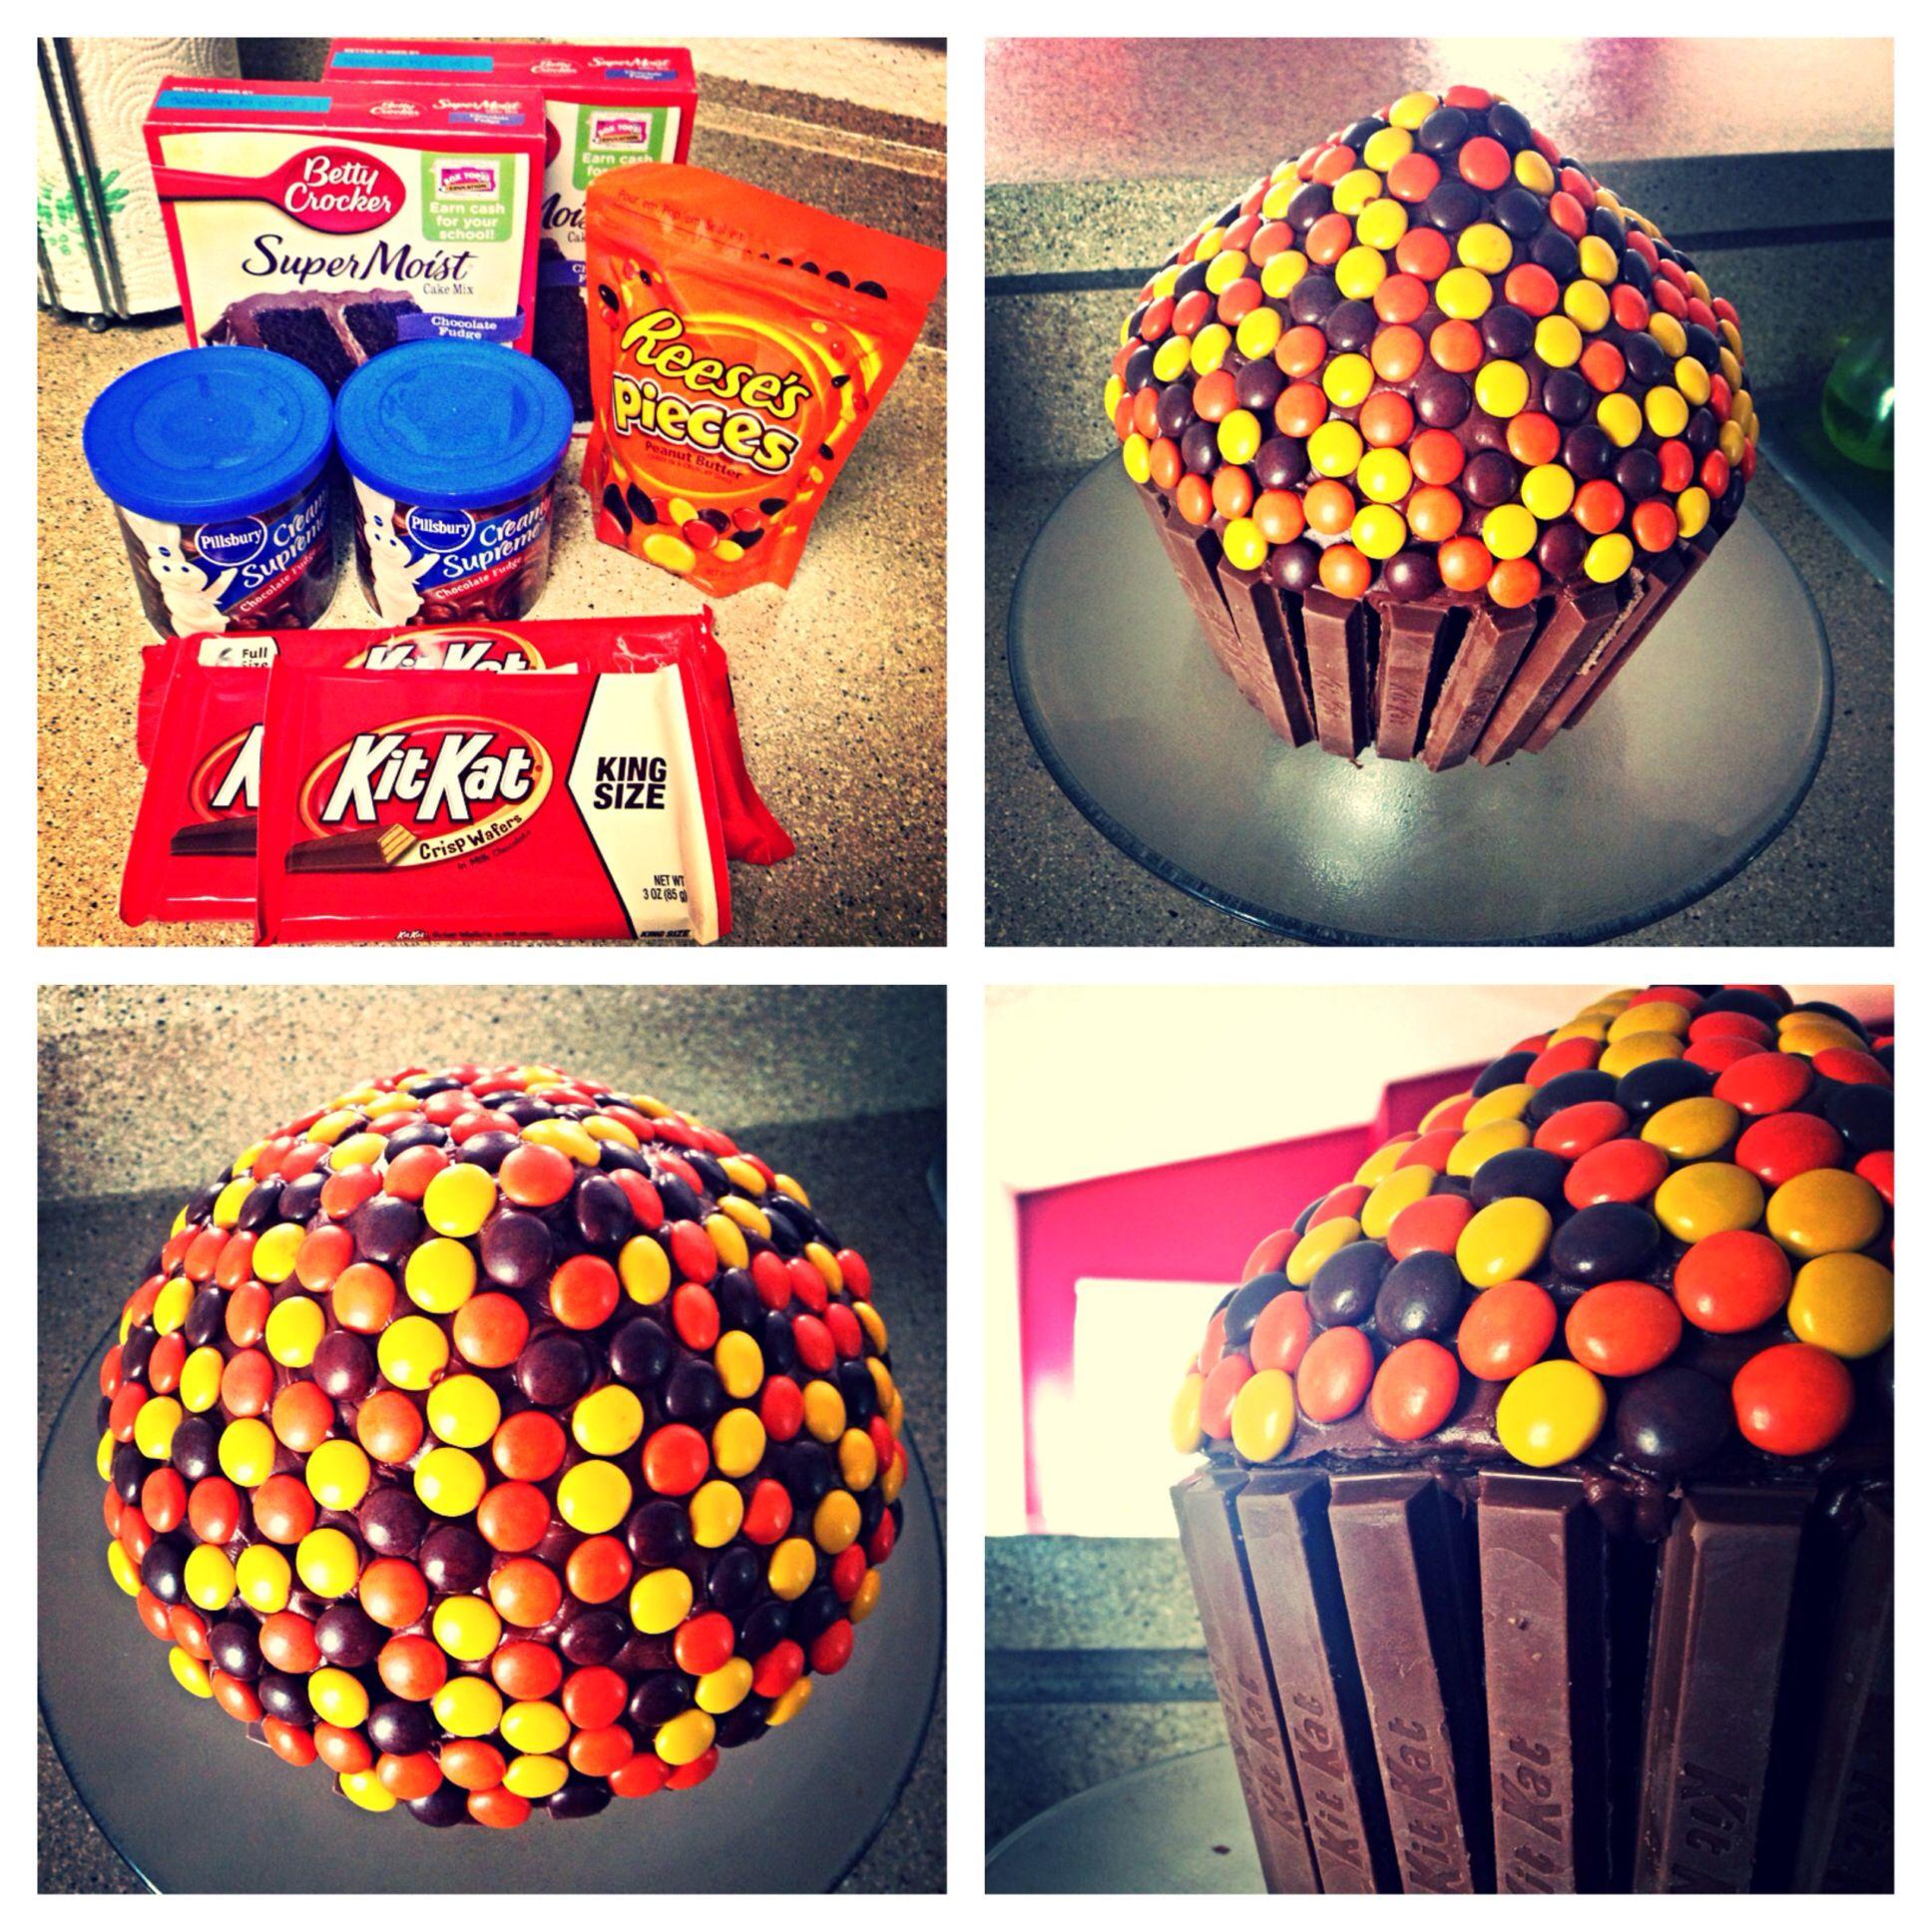 Reese's & Kit Kat Cake